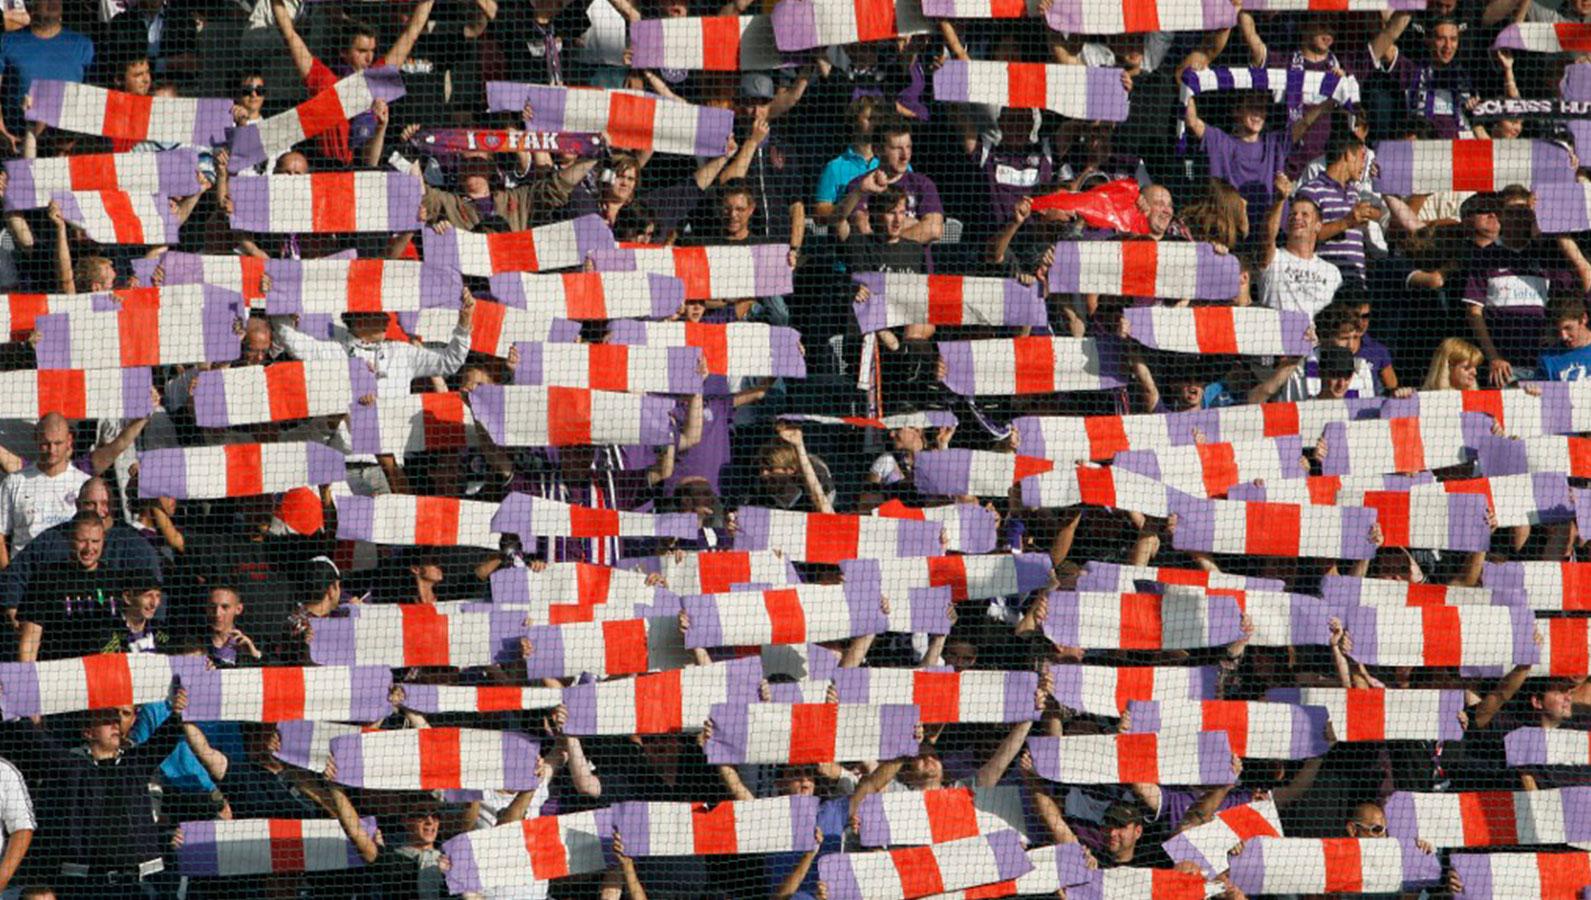 fak100-fans1